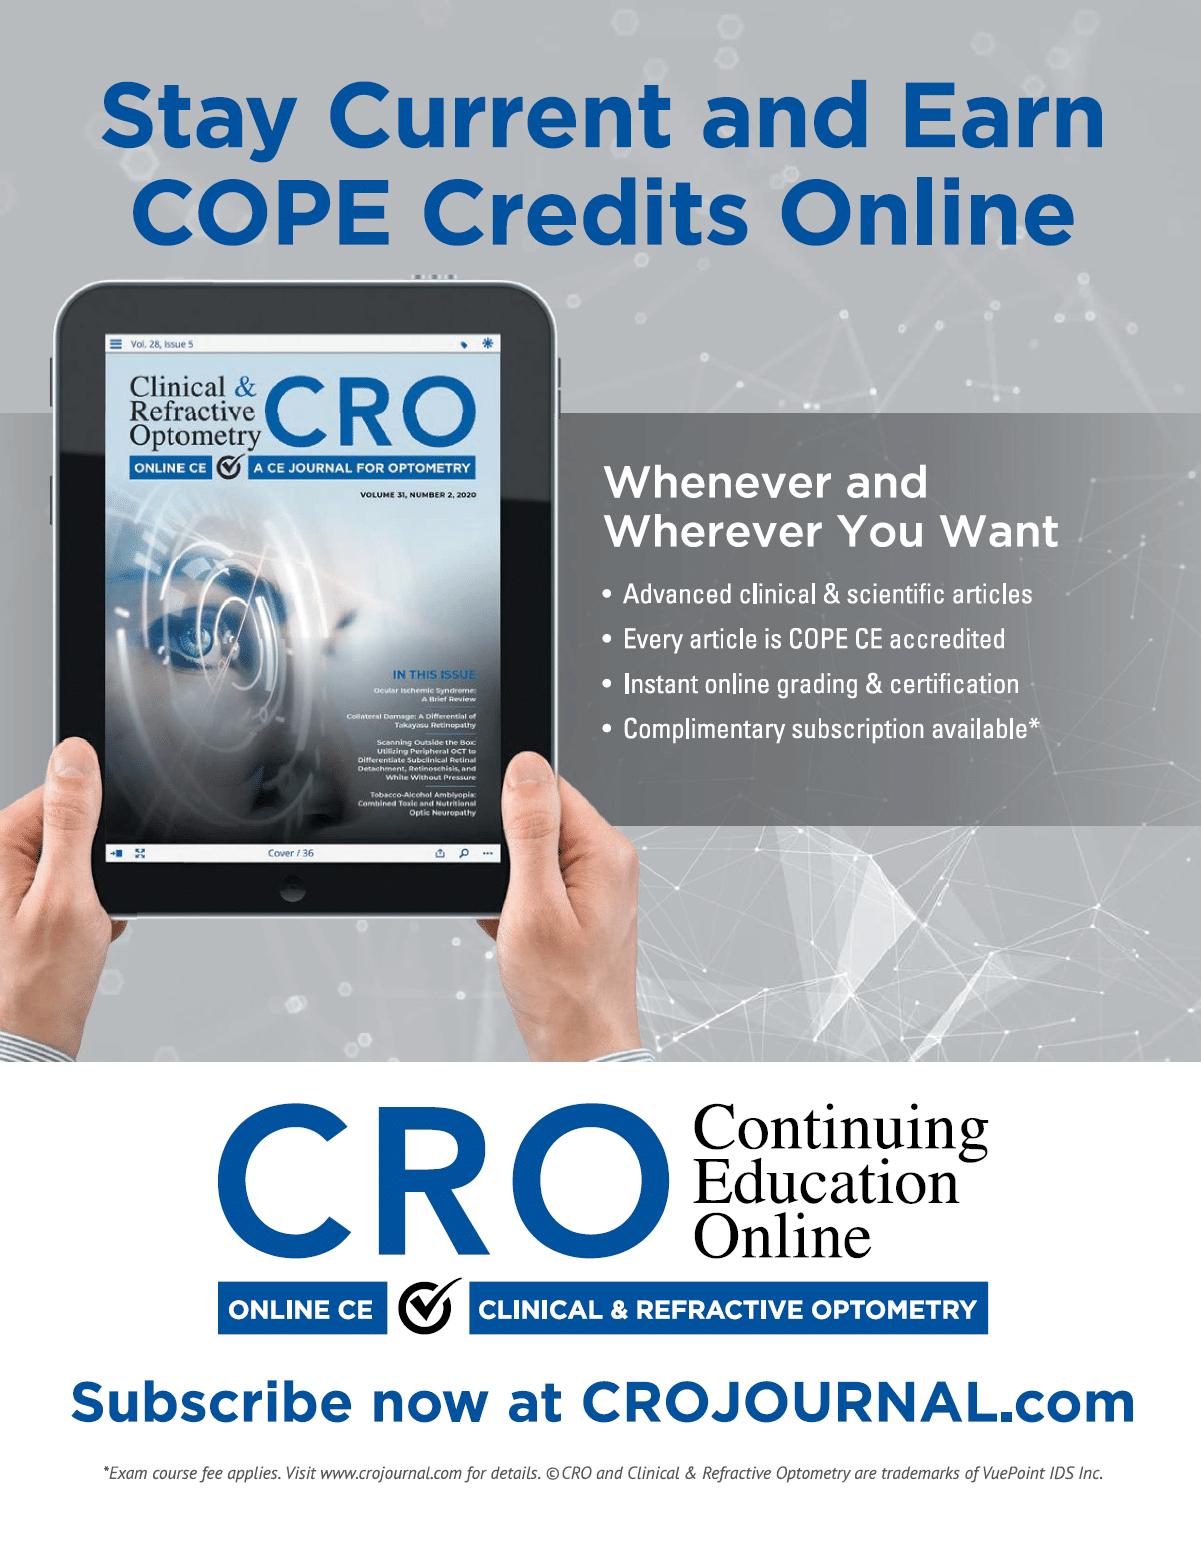 Access COPE CE Courses